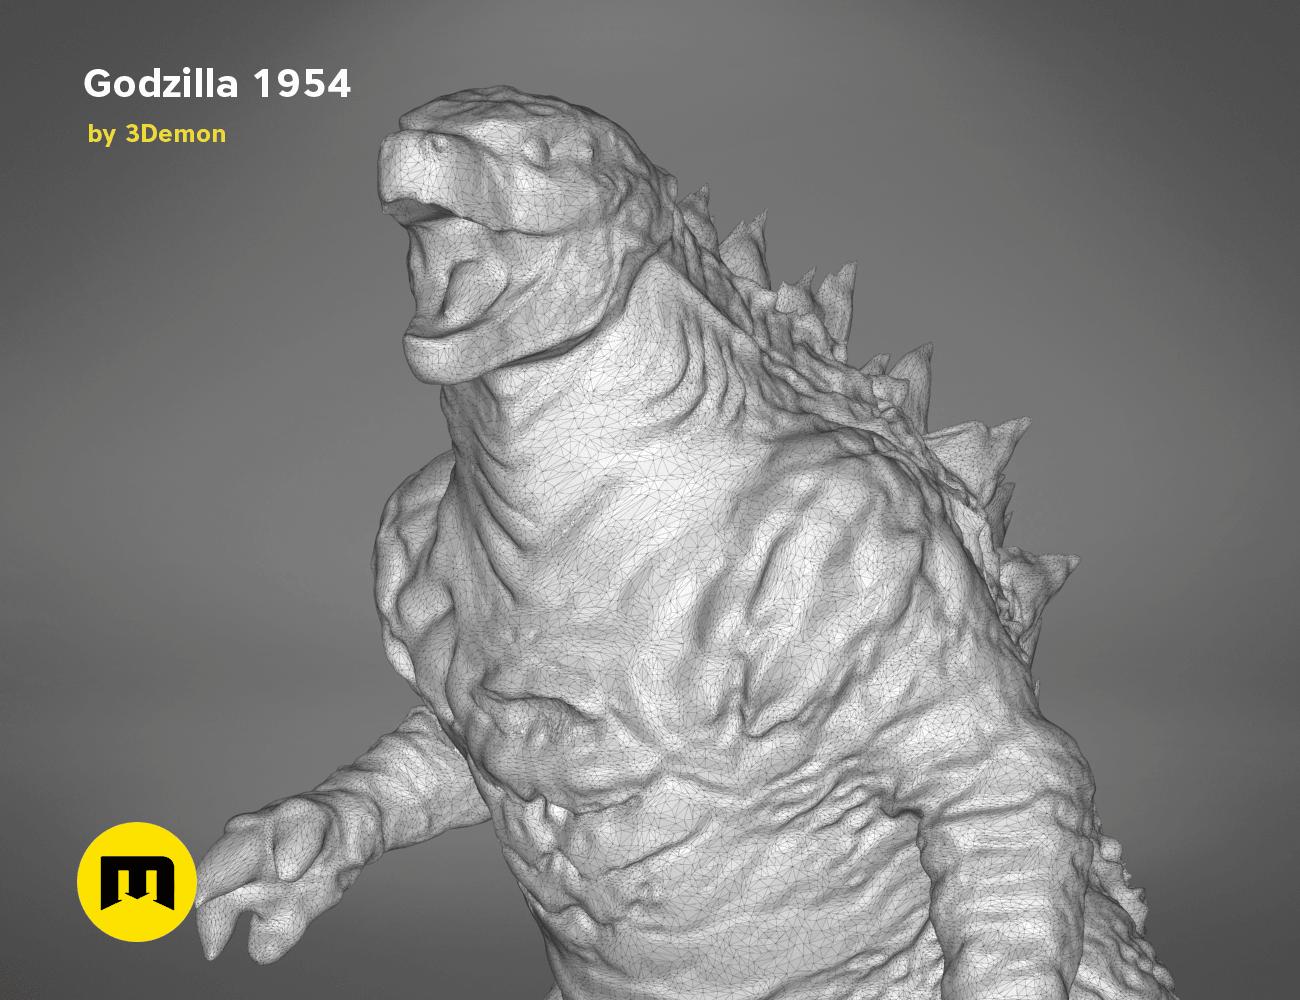 godzilla-black-japanese-detail1.202.png Télécharger fichier OBJ gratuit Godzilla 1954 figurine et ouvre-bouteille • Objet imprimable en 3D, 3D-mon